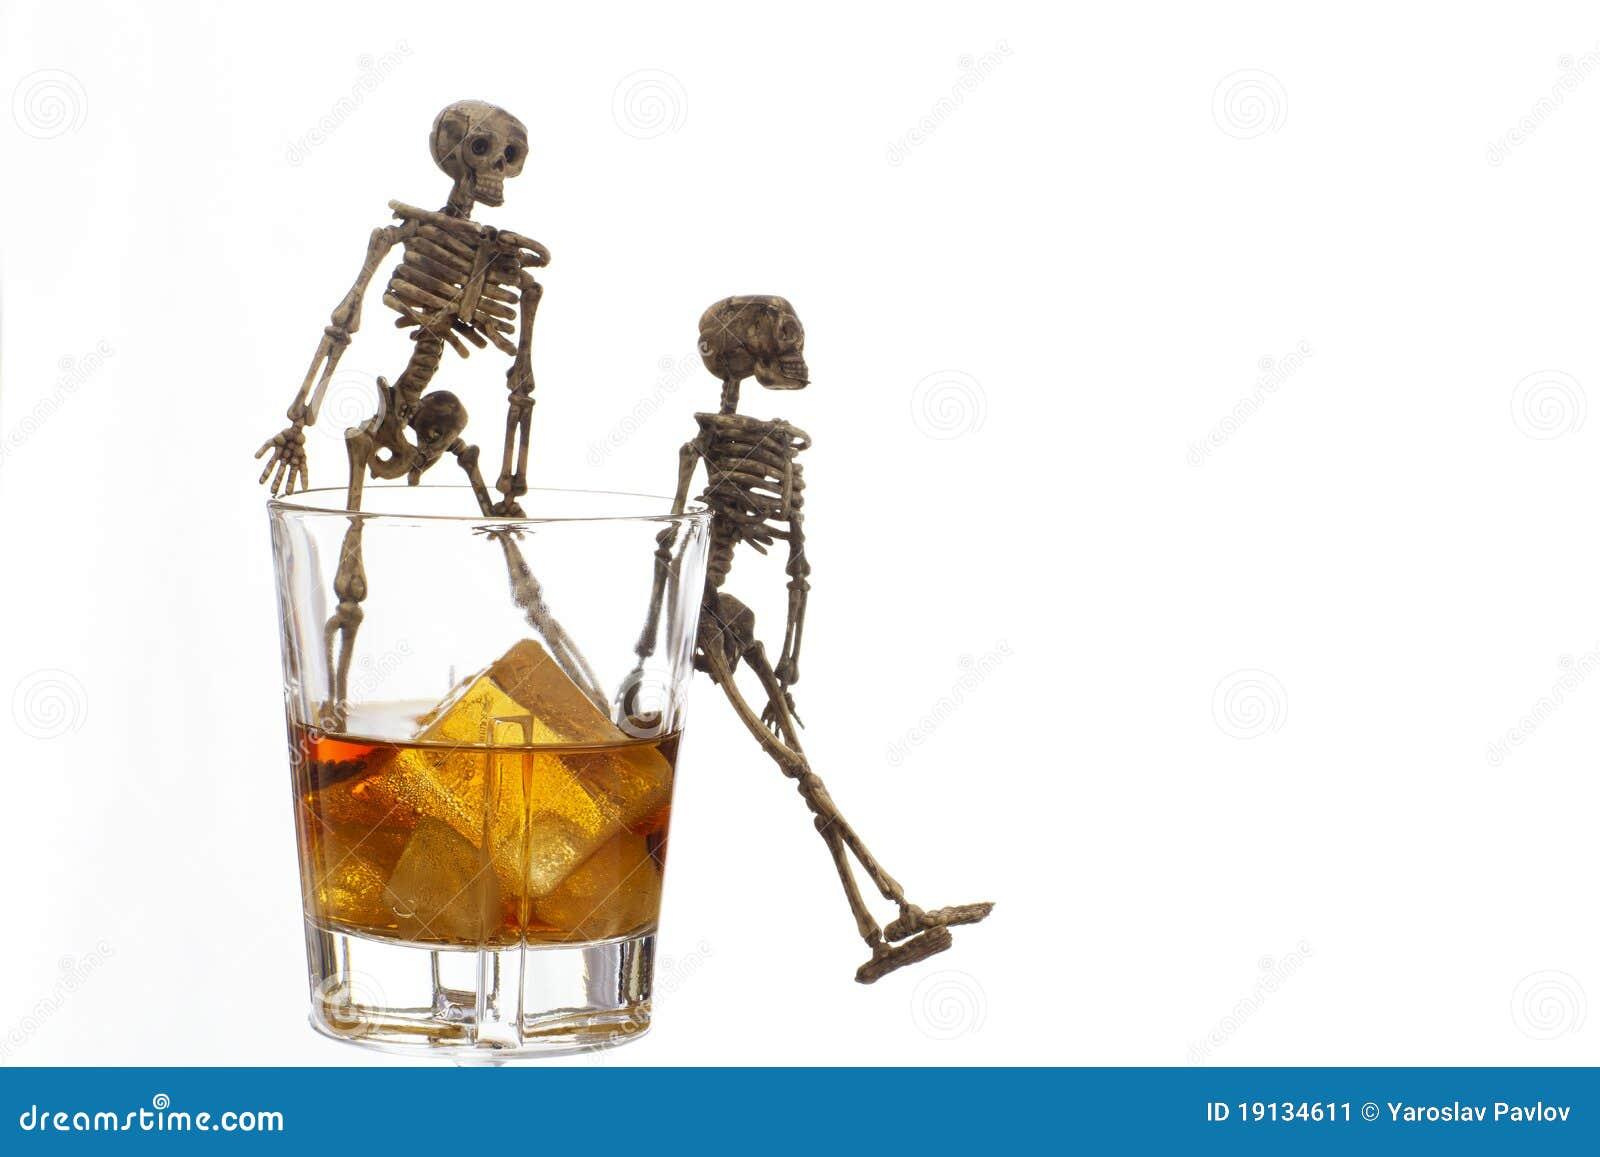 Dependência dos jovens em álcool